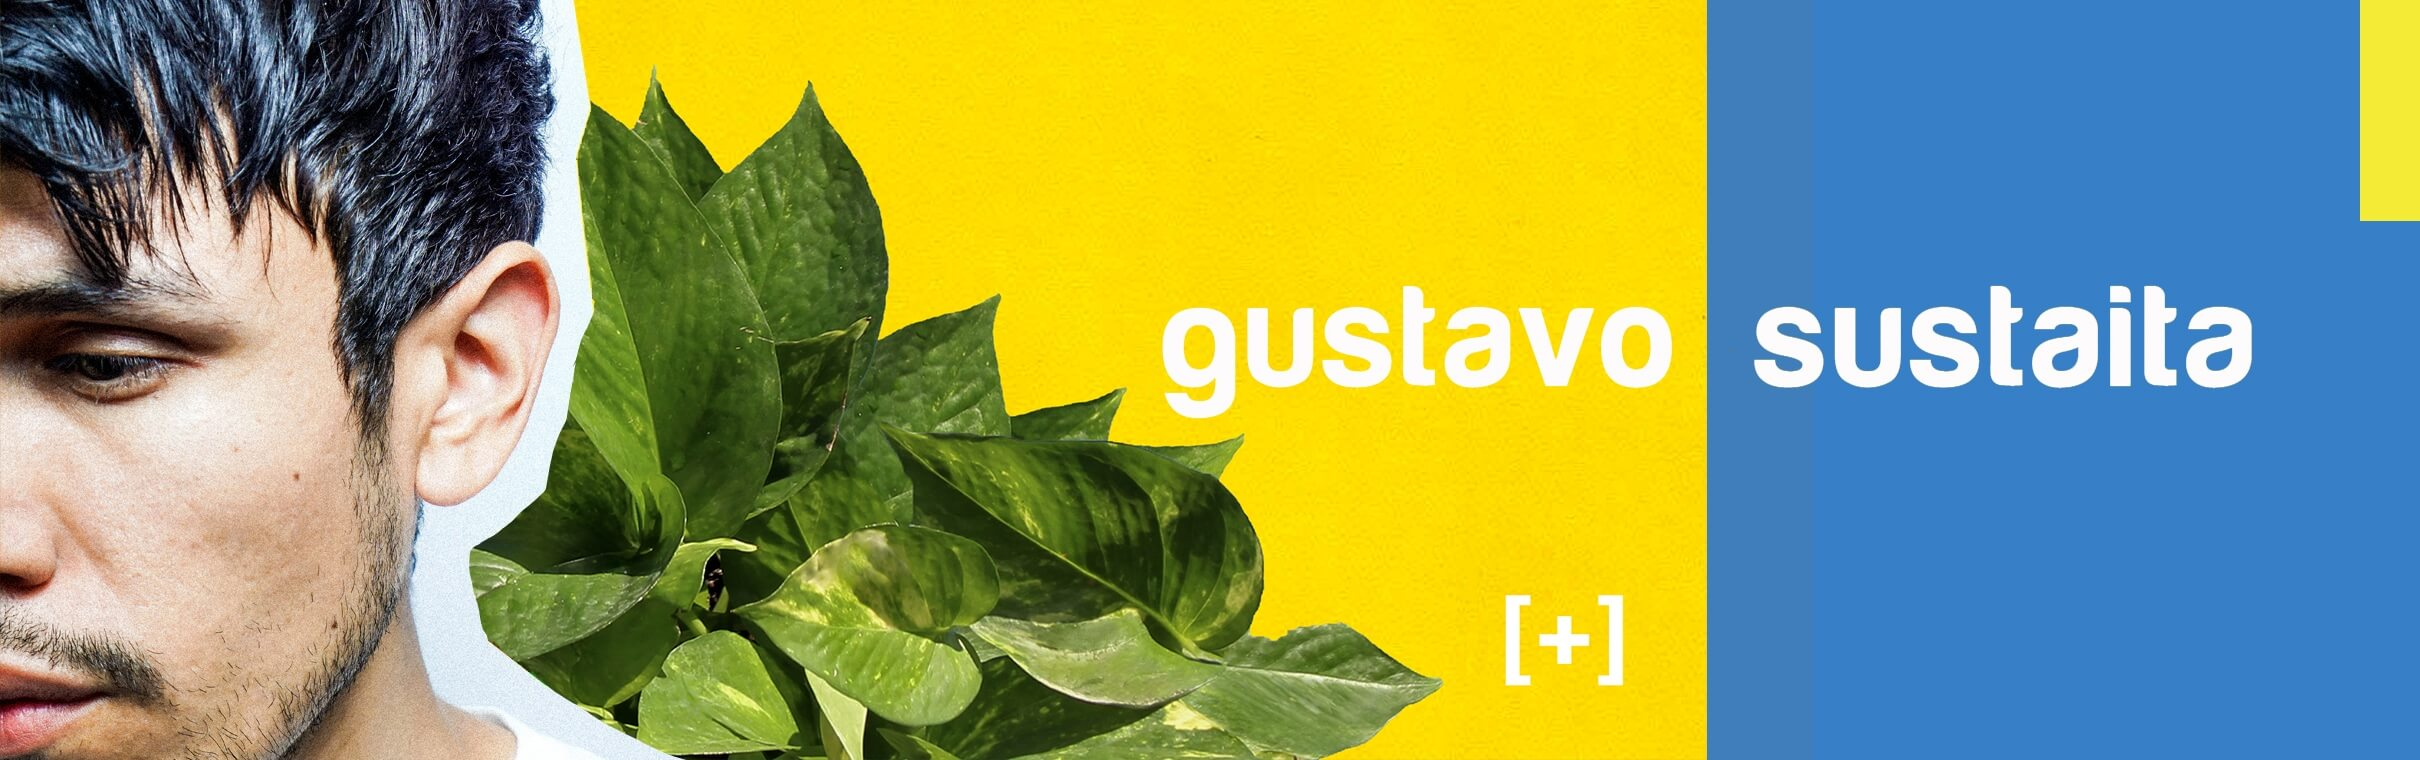 Gustavo Sustaita